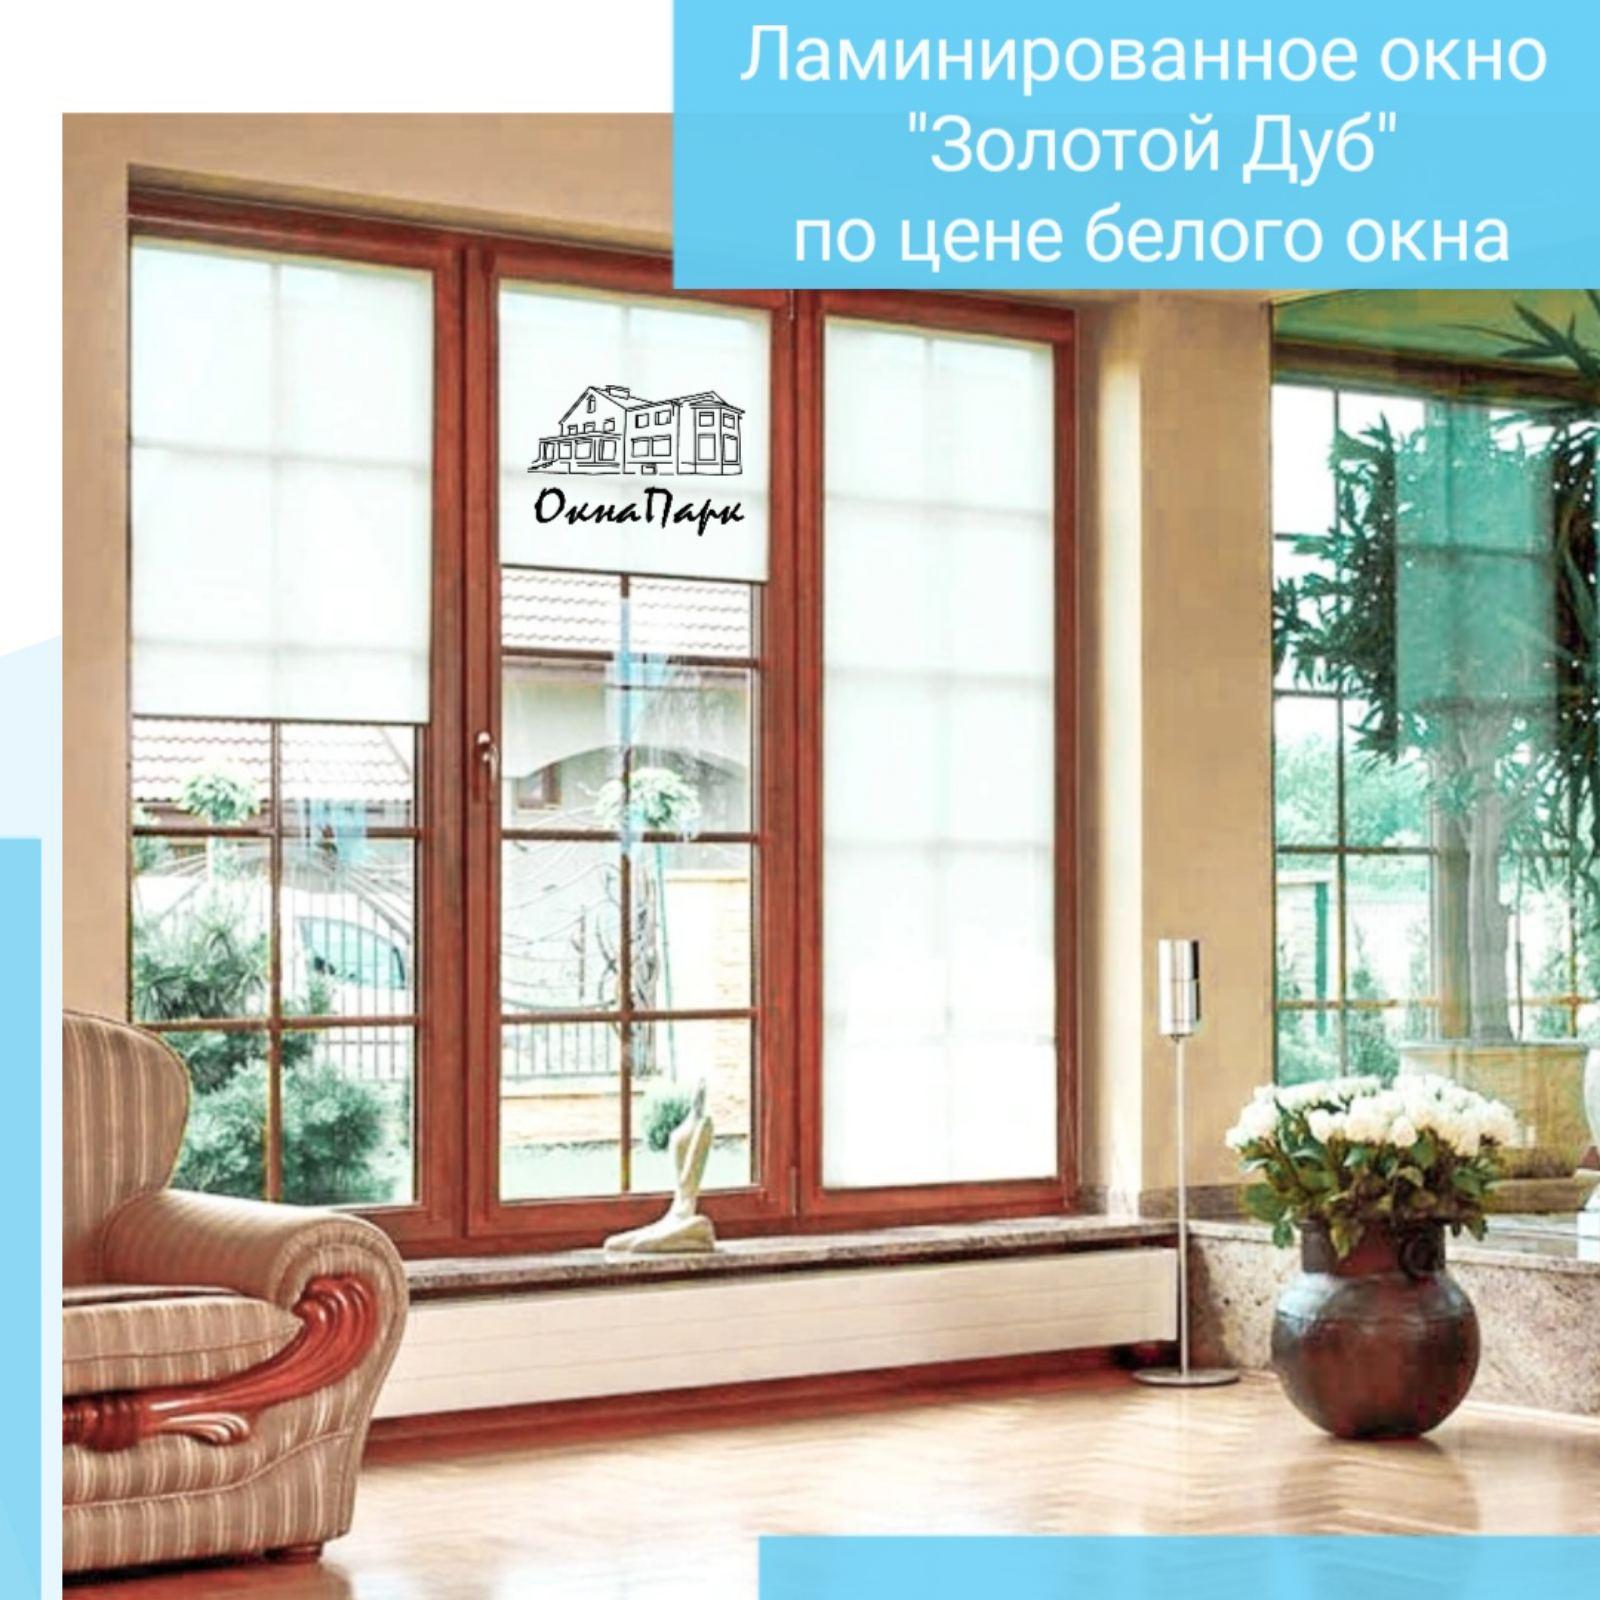 Ламинированное окно в цвете «золотой дуб» по цене белого